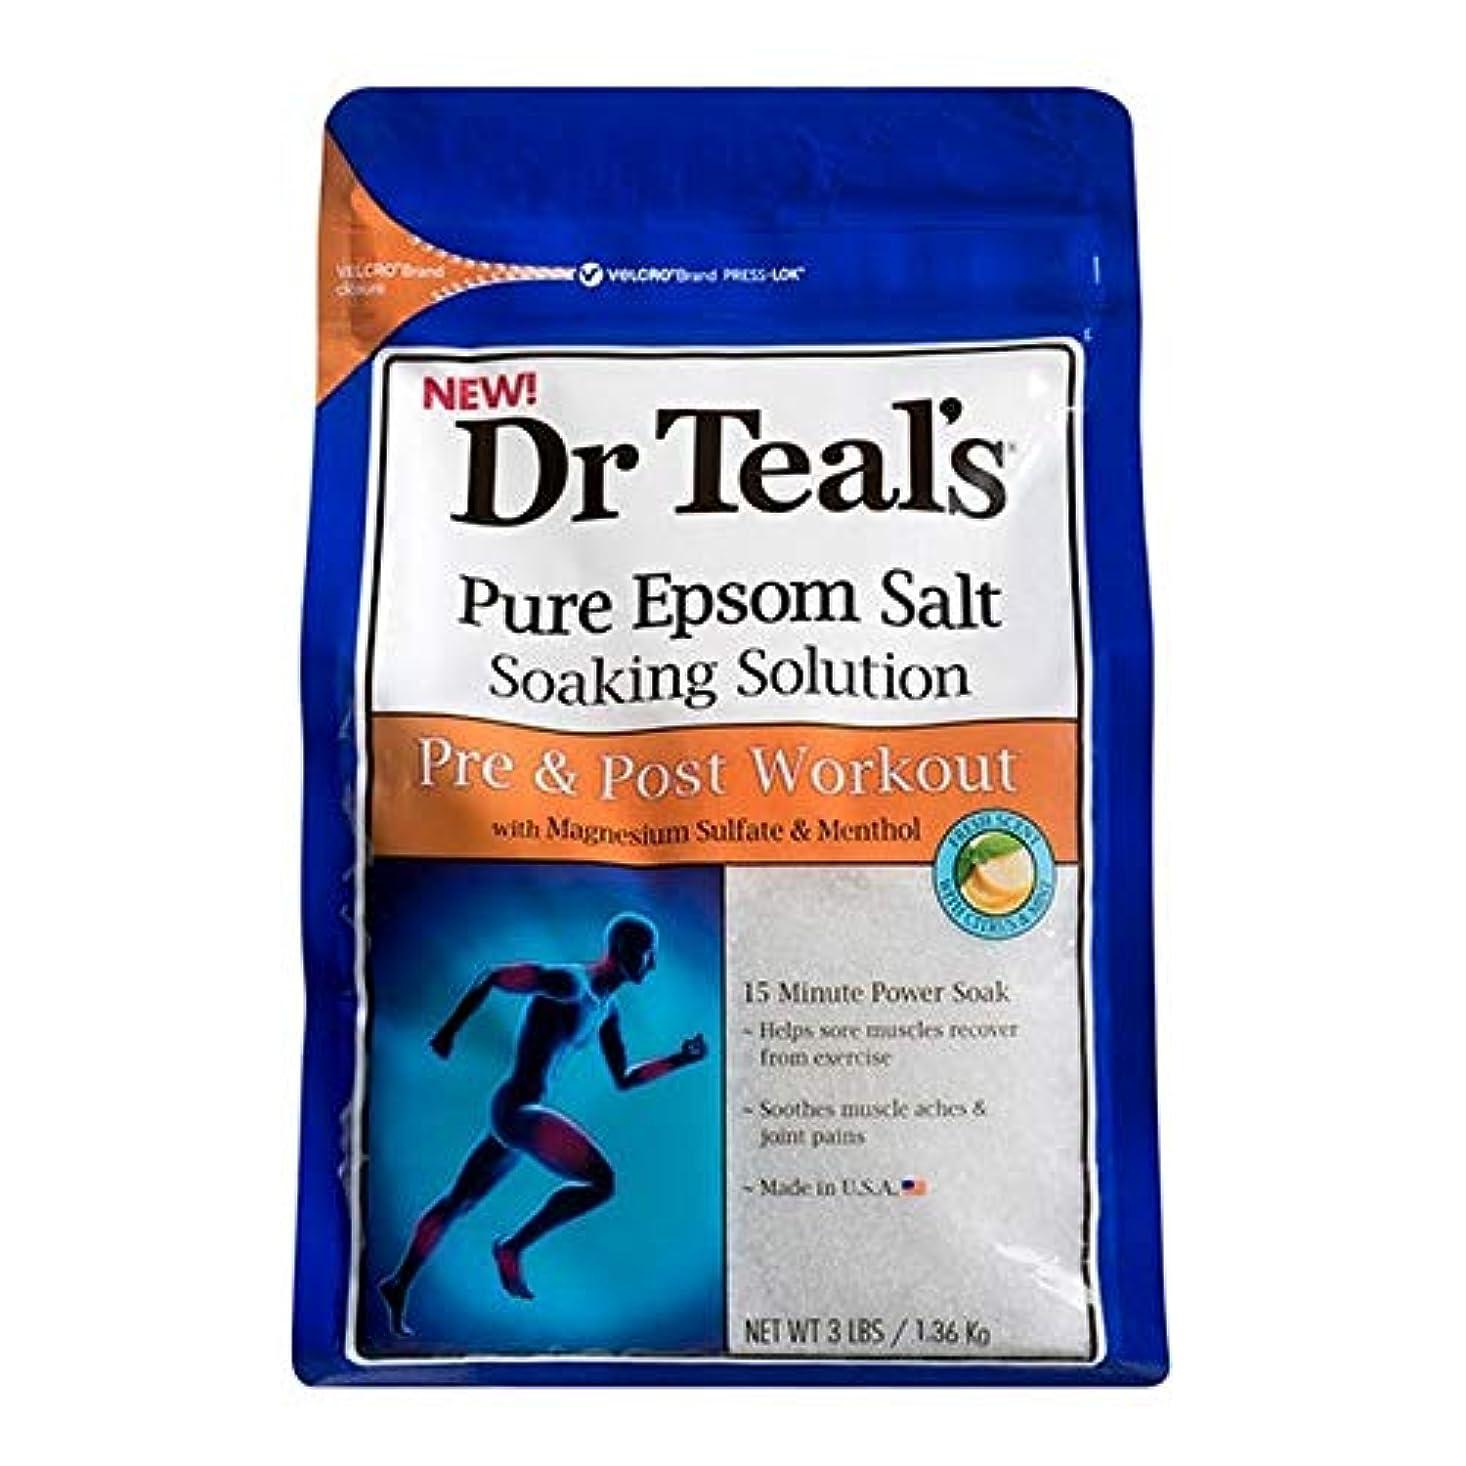 記憶に残る拡大する広まった[Dr Teals] Drのティールの均熱Bathsalt前N個のポストワークアウト1.36キロ - Dr Teal's Soaking Bathsalt Pre N Post Workout 1.36 kg [並行輸入品]